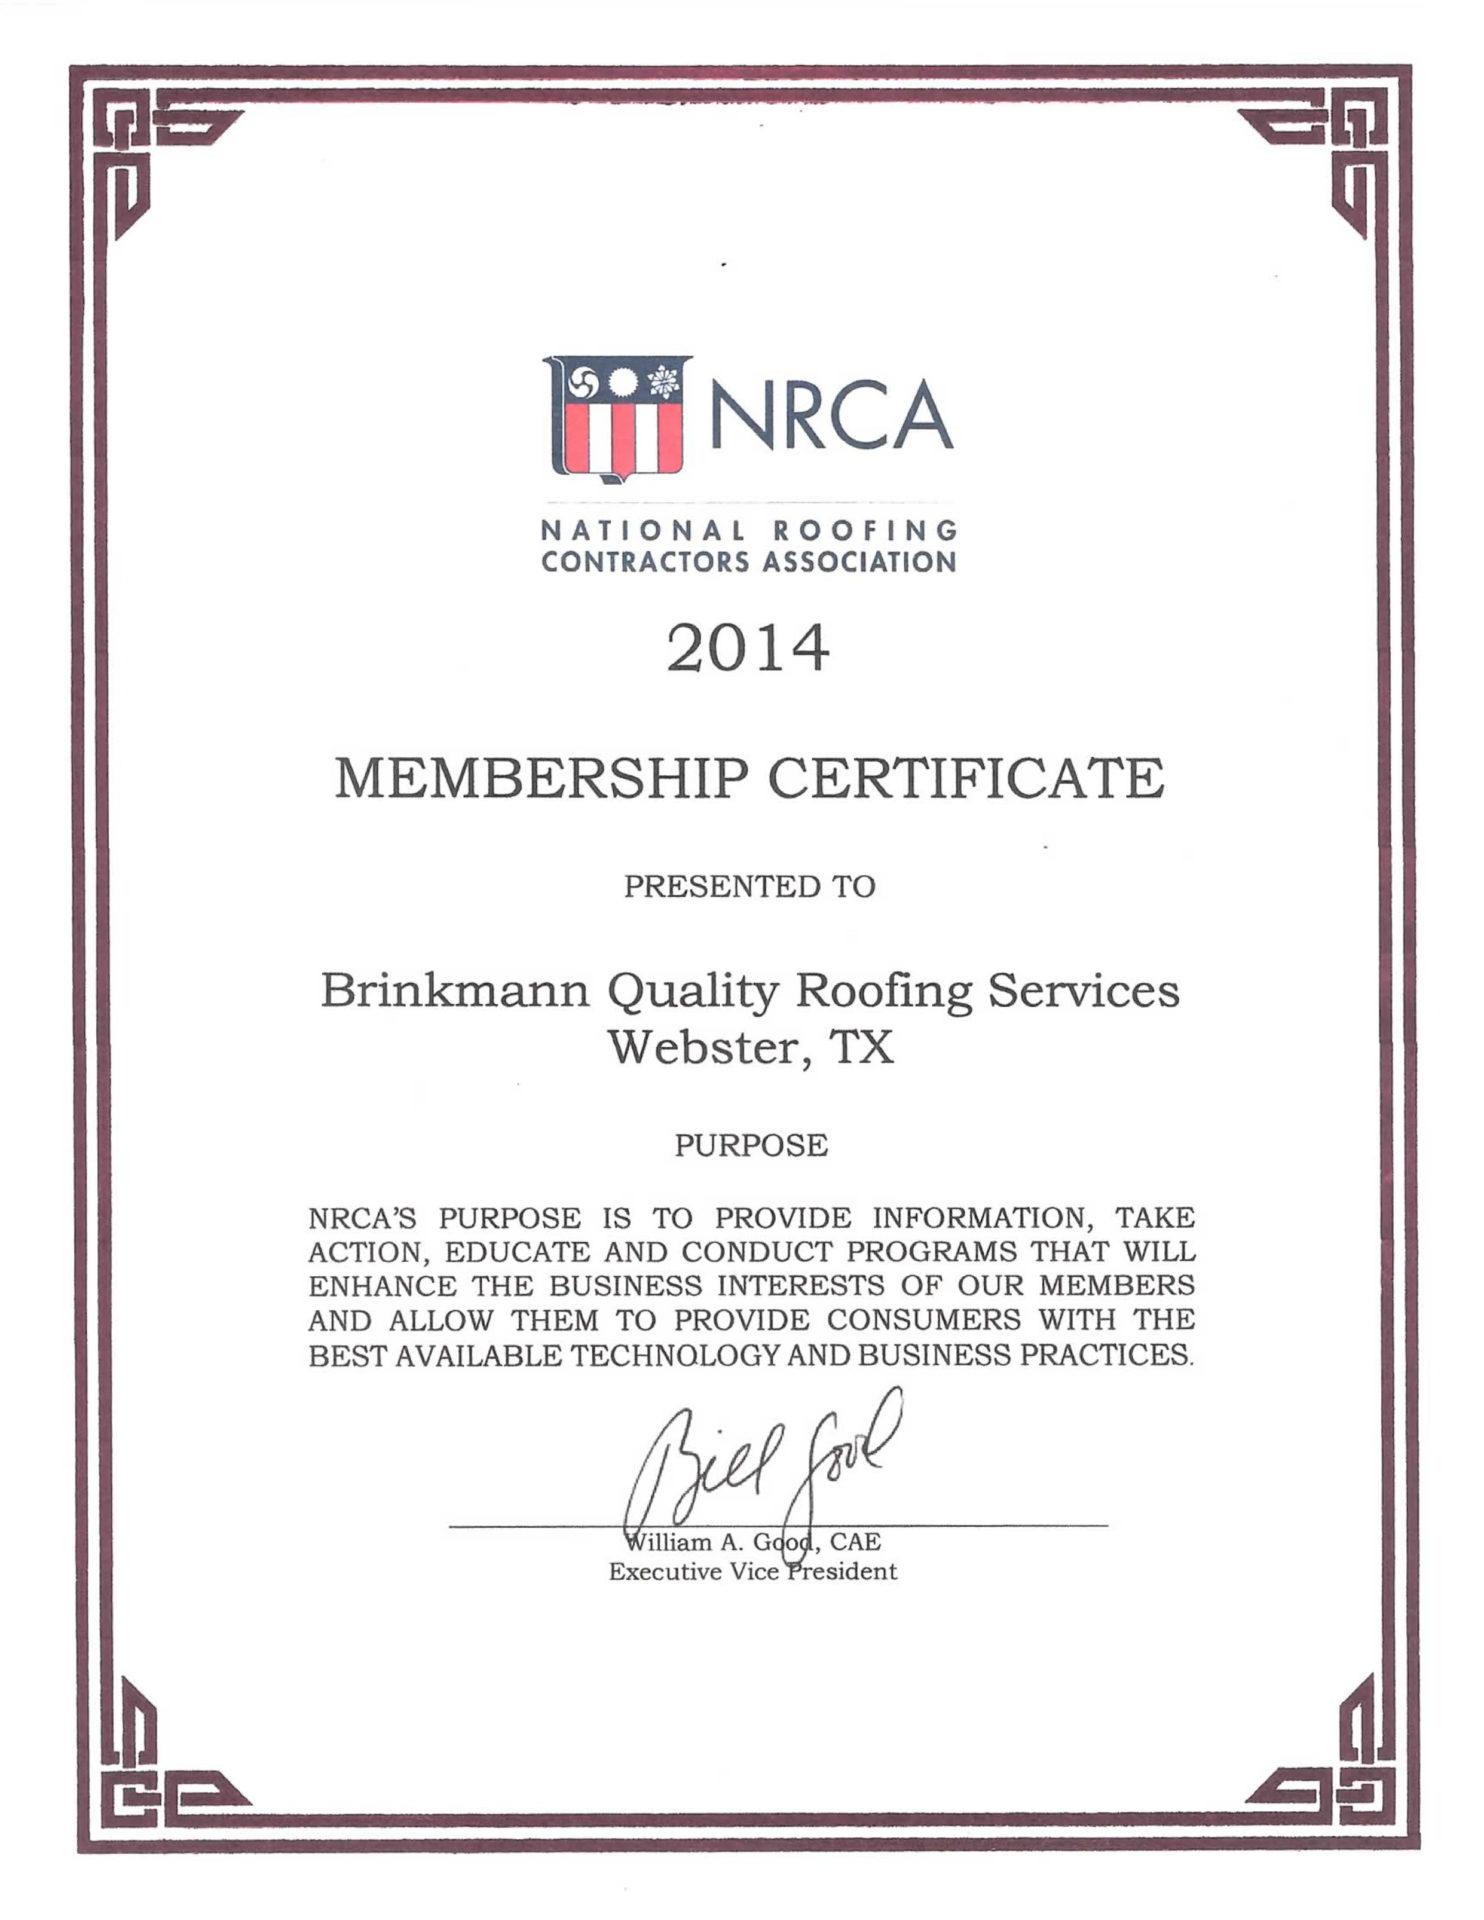 NRCA Membership Certificate